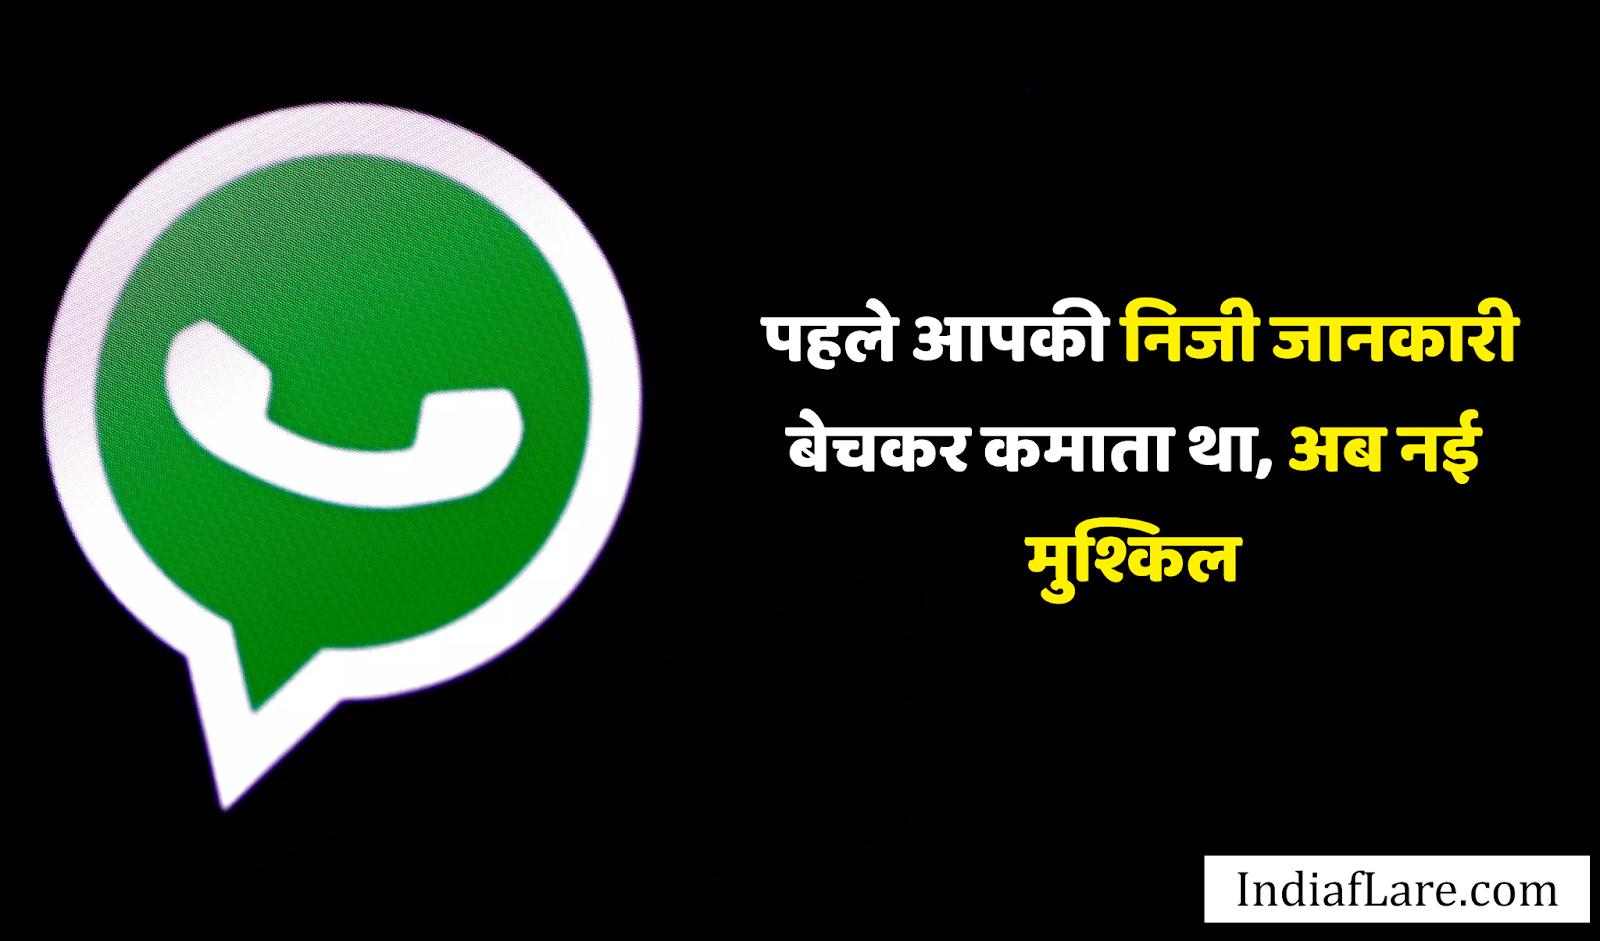 Ads in whatsapp